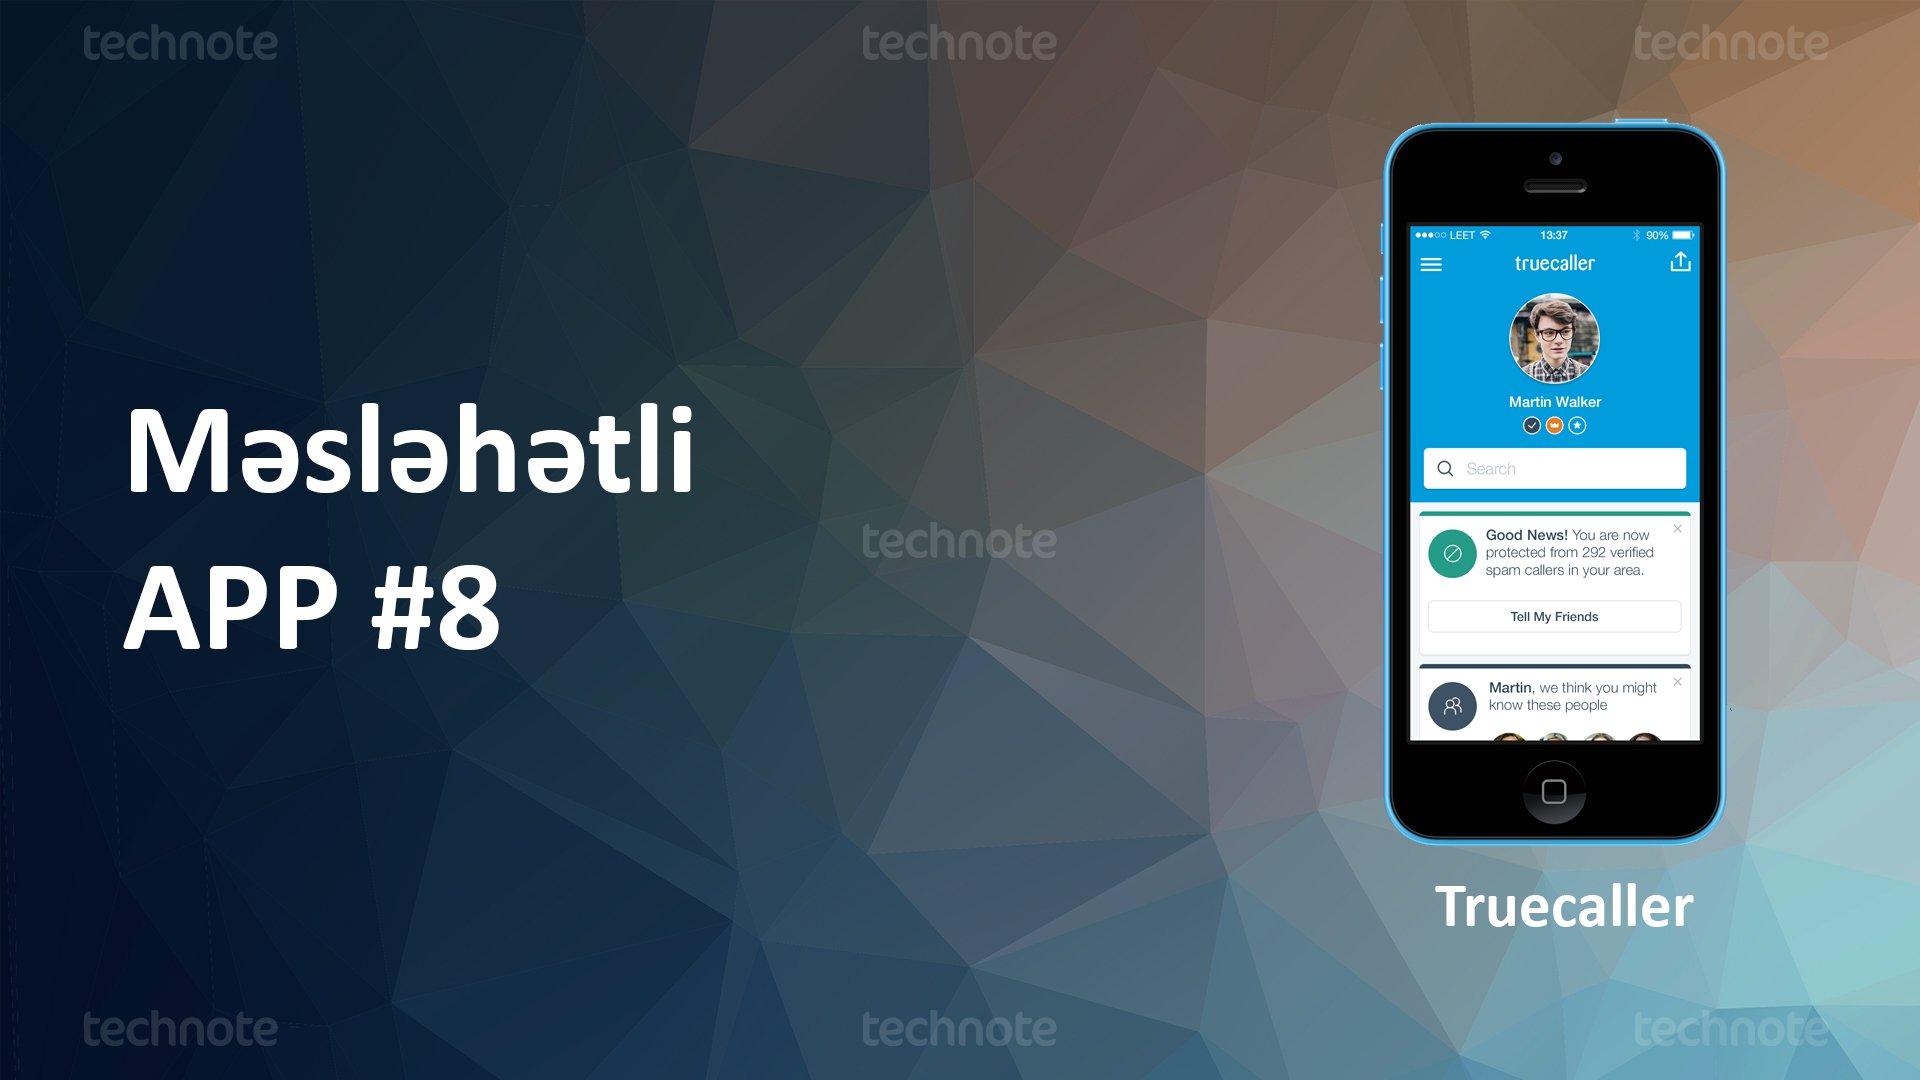 Məsləhətli App #8: 'Truecaller' - Tanımadığınız nömrənin kimə məxsus olduğunu tapmağa kömək edən tətbiq (İCMAL)